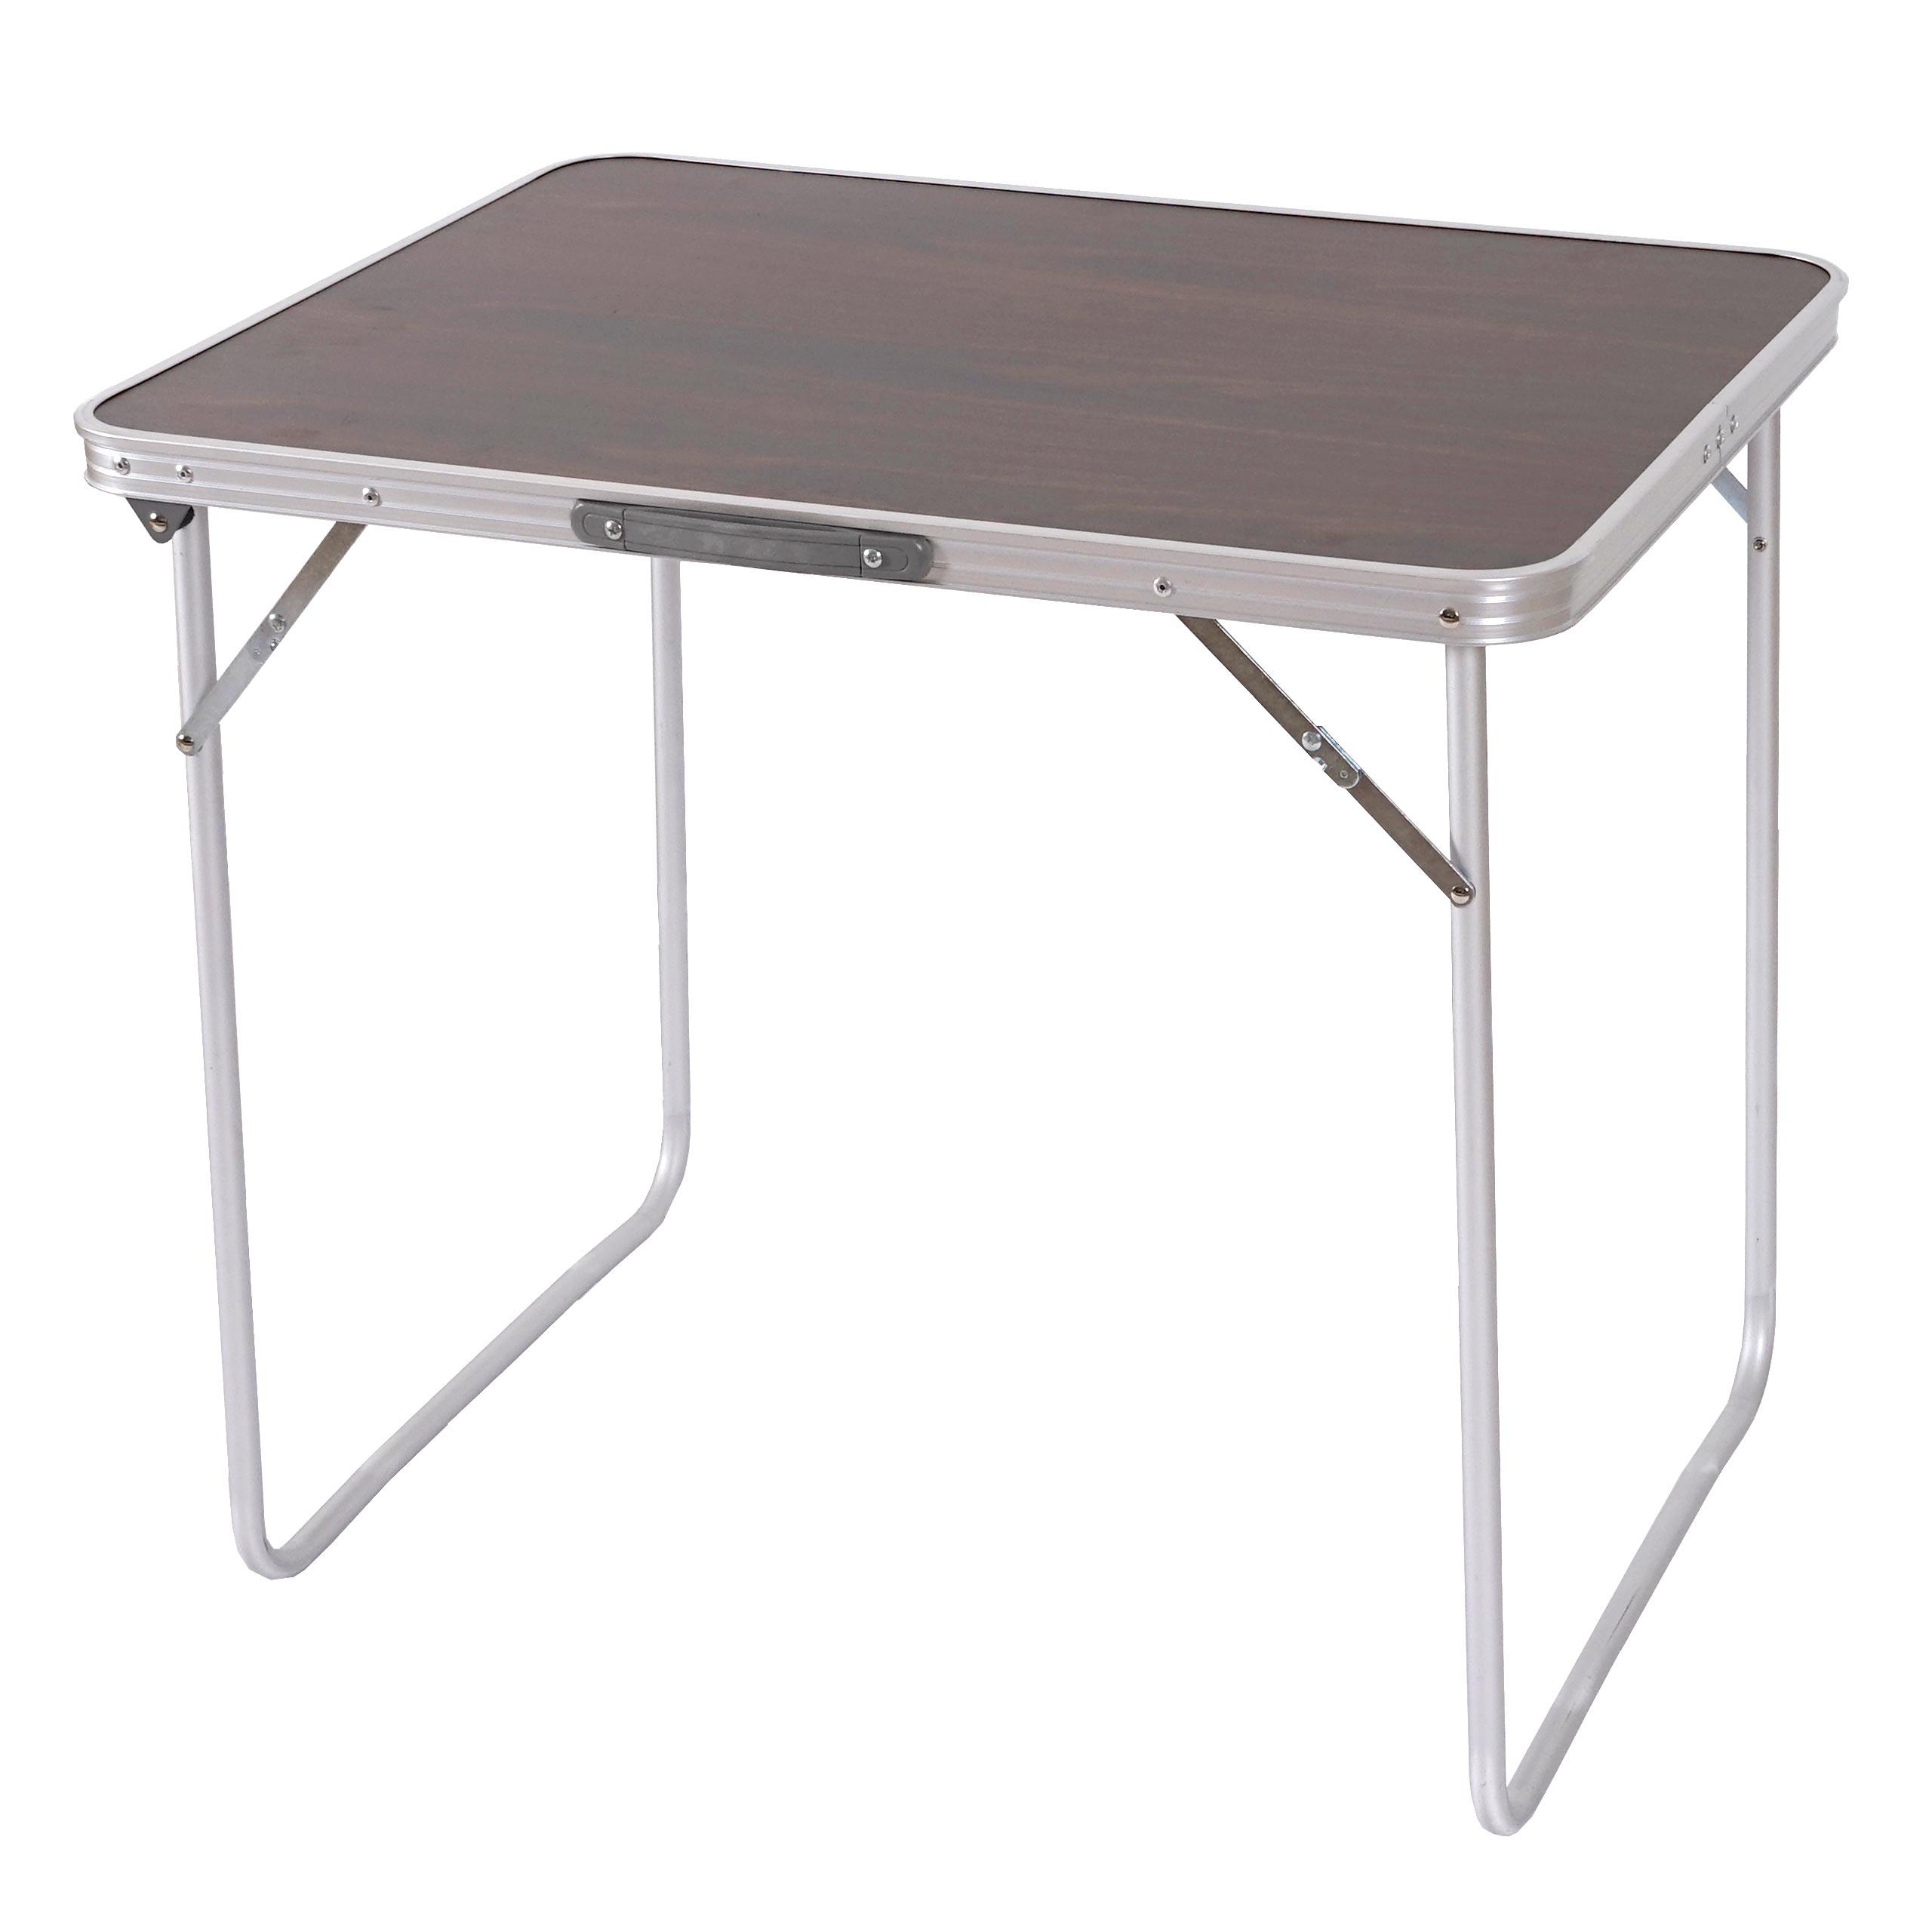 camping tisch t367 t368 klapptisch optional mit hocker als garnitur ebay. Black Bedroom Furniture Sets. Home Design Ideas